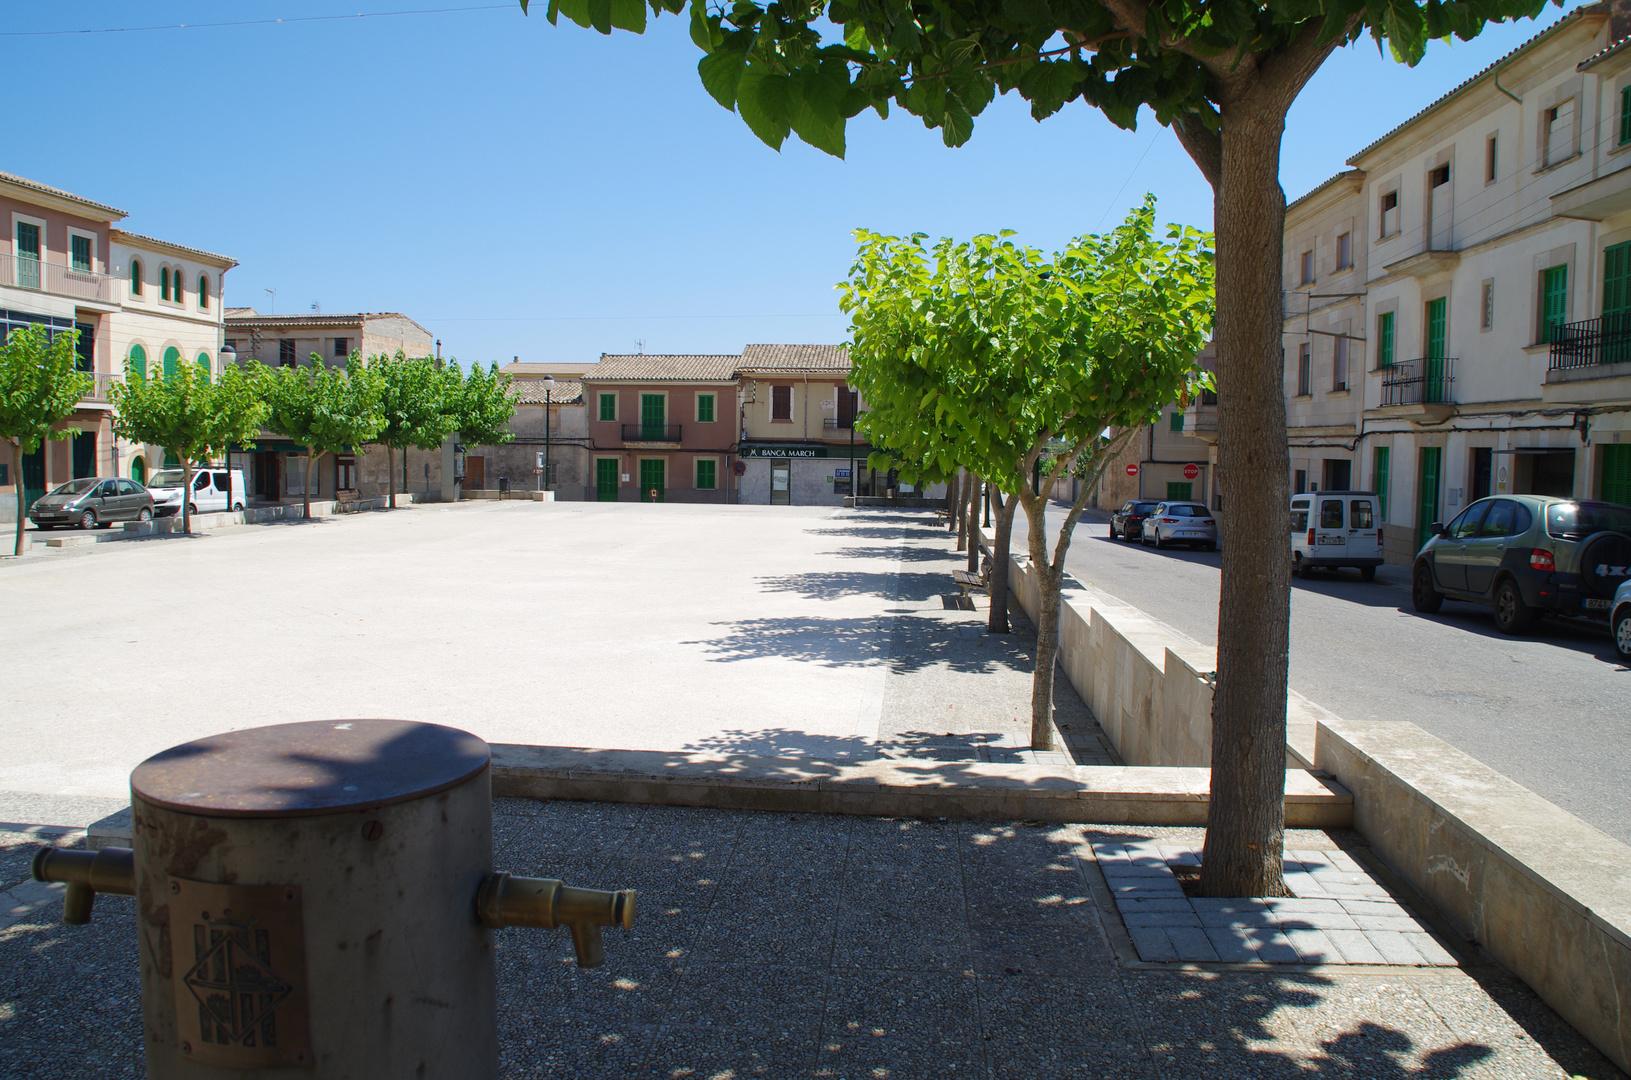 Mittags in Spanien....Pausenstimmung